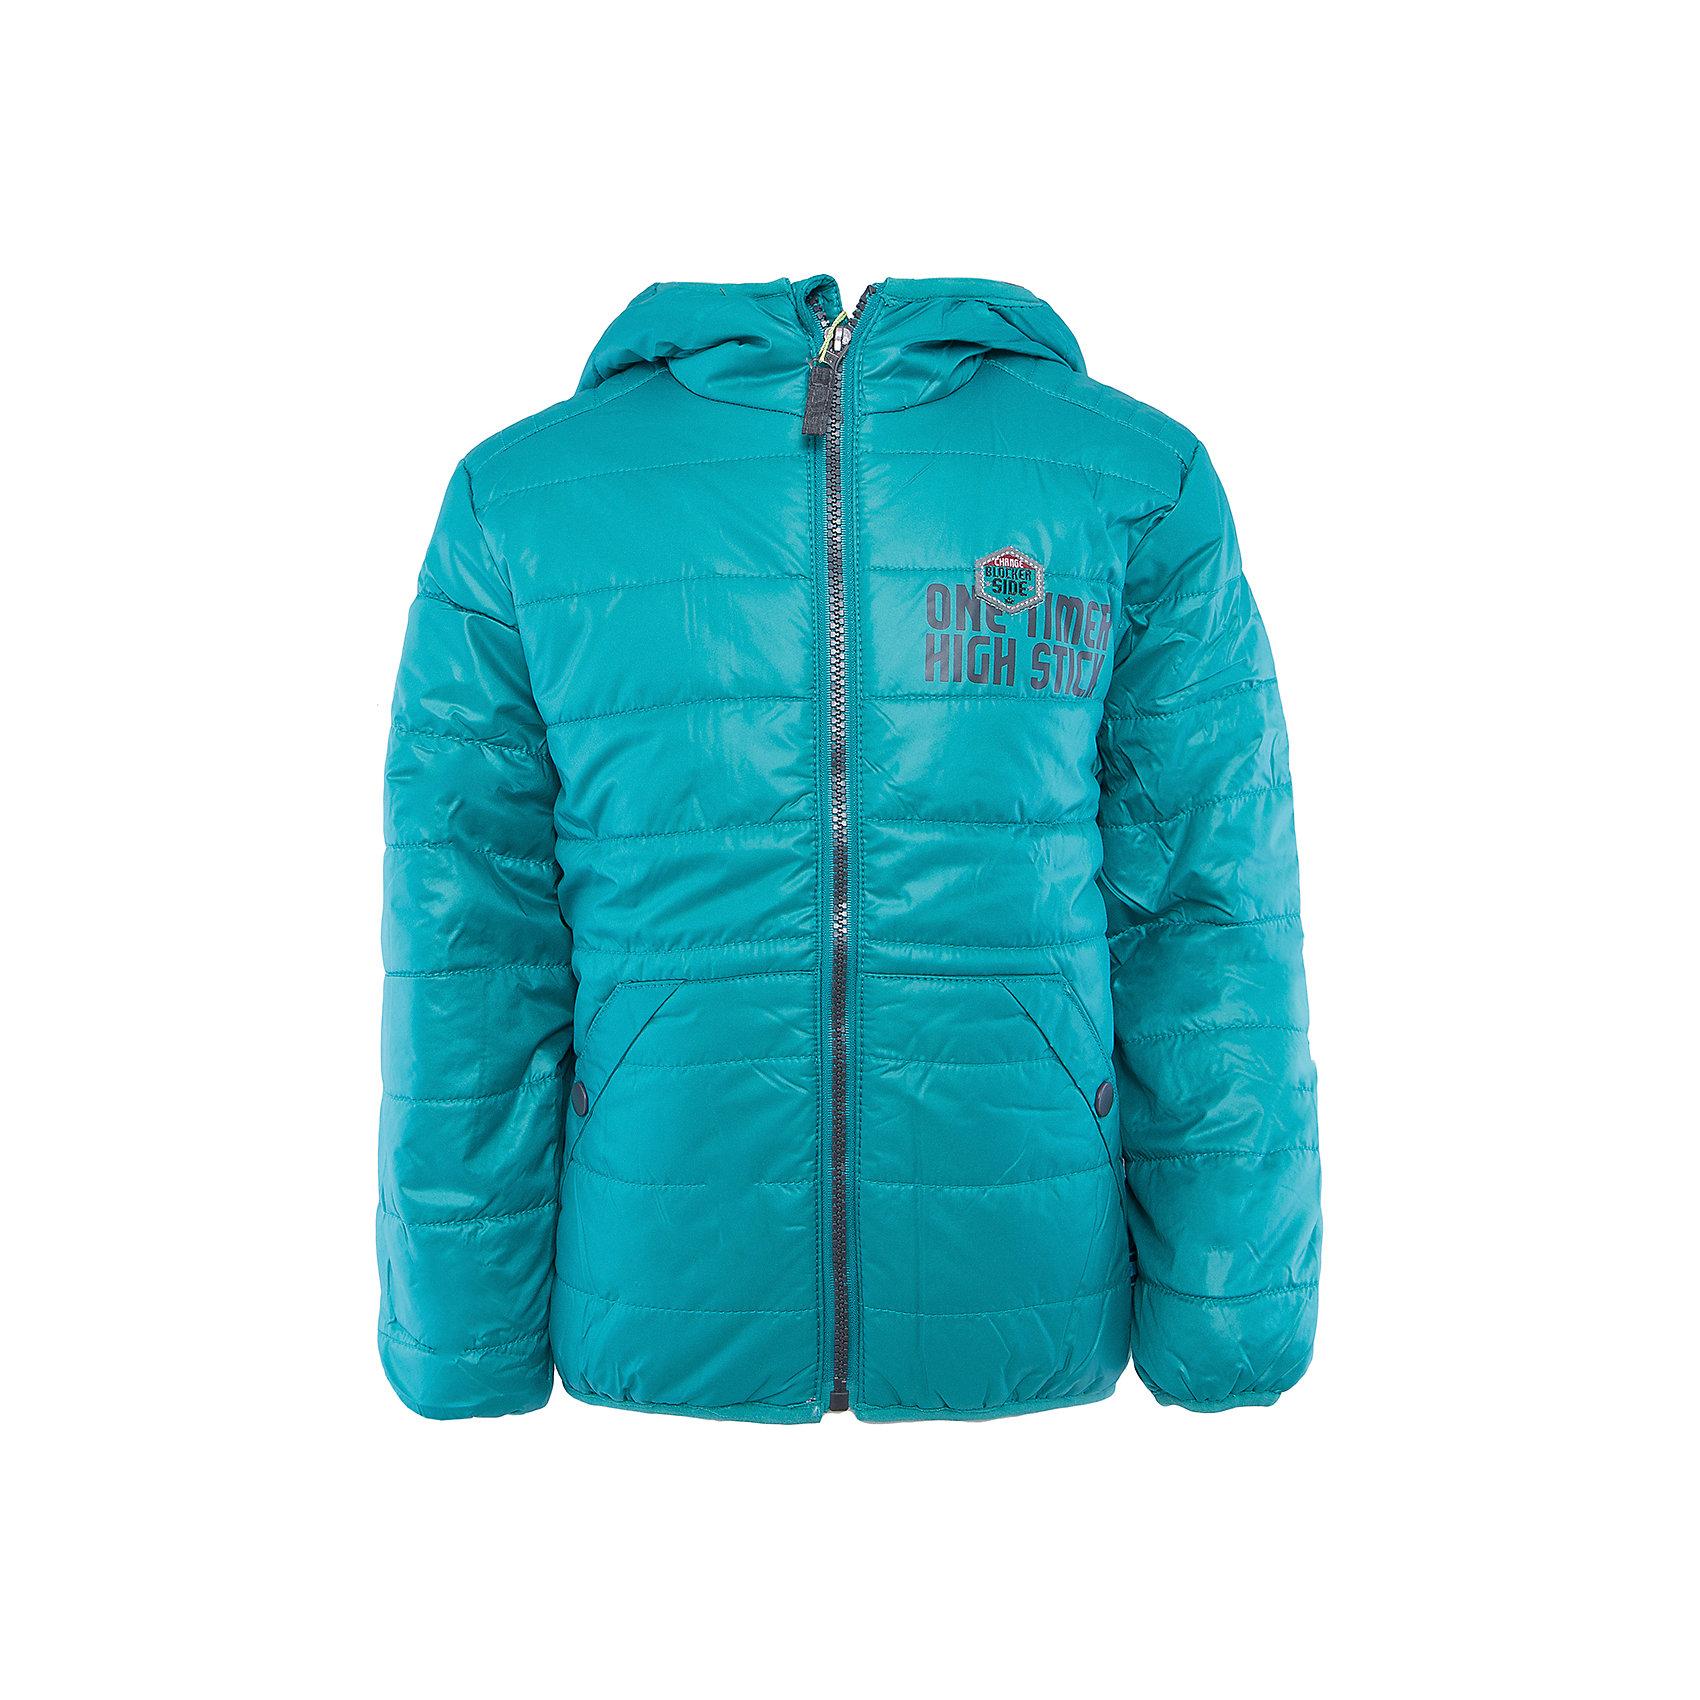 Куртка для мальчика Sweet BerryДемисезонные куртки<br>Куртка для мальчика.<br><br>Температурный режим: до -5 градусов. Степень утепления – низкая. <br><br>* Температурный режим указан приблизительно — необходимо, прежде всего, ориентироваться на ощущения ребенка. Температурный режим работает в случае соблюдения правила многослойности – использования флисовой поддевы и термобелья.<br><br>Такая модель куртки для мальчика отличается модным дизайном. Удачный крой обеспечит ребенку комфорт и тепло. Флисовая подкладка делает вещь идеальной для прохладной погоды. Она плотно прилегает к телу там, где нужно, и отлично сидит по фигуре. Декорирована модель пиринтом на груди.<br>Одежда от бренда Sweet Berry - это простой и выгодный способ одеть ребенка удобно и стильно. Всё изделия тщательно проработаны: швы - прочные, материал - качественный, фурнитура - подобранная специально для детей. <br><br>Дополнительная информация:<br><br>цвет: голубой;<br>капюшон;<br>материал: верх, подкладка, наполнитель - 100% полиэстер;<br>застежка: молния;<br>карманы на кнопках.<br><br>Куртку для мальчика от бренда Sweet Berry можно купить в нашем интернет-магазине.<br><br>Ширина мм: 356<br>Глубина мм: 10<br>Высота мм: 245<br>Вес г: 519<br>Цвет: голубой<br>Возраст от месяцев: 24<br>Возраст до месяцев: 36<br>Пол: Мужской<br>Возраст: Детский<br>Размер: 98,104,110,116,122,128<br>SKU: 4930002